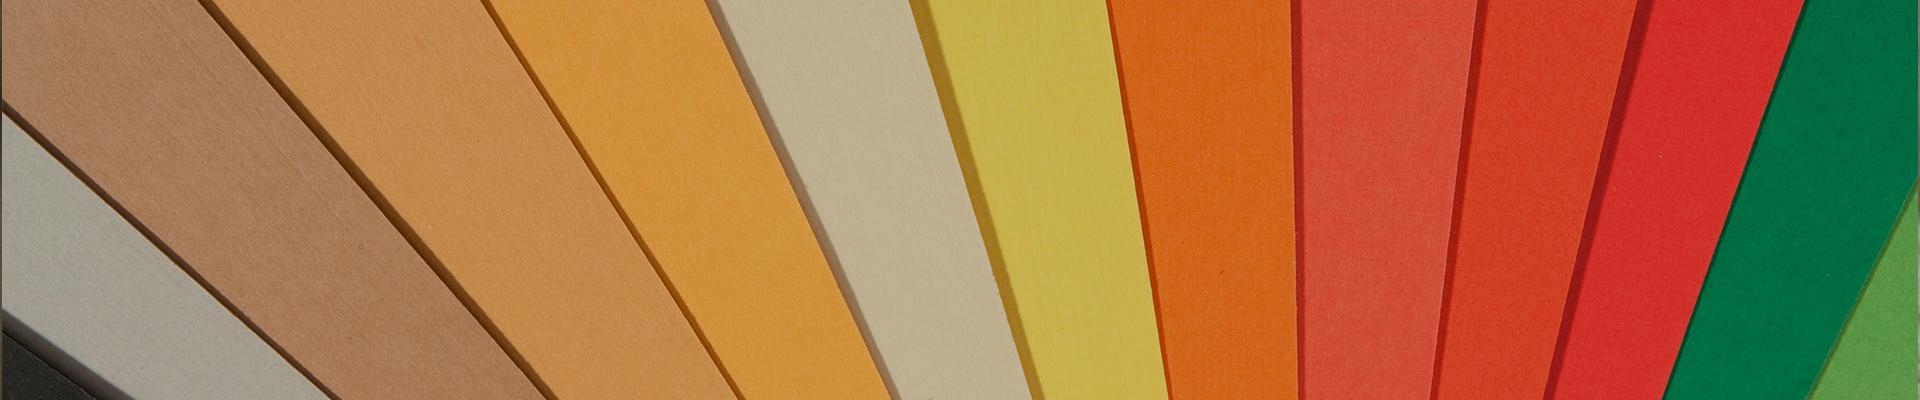 portada-descartable-colors